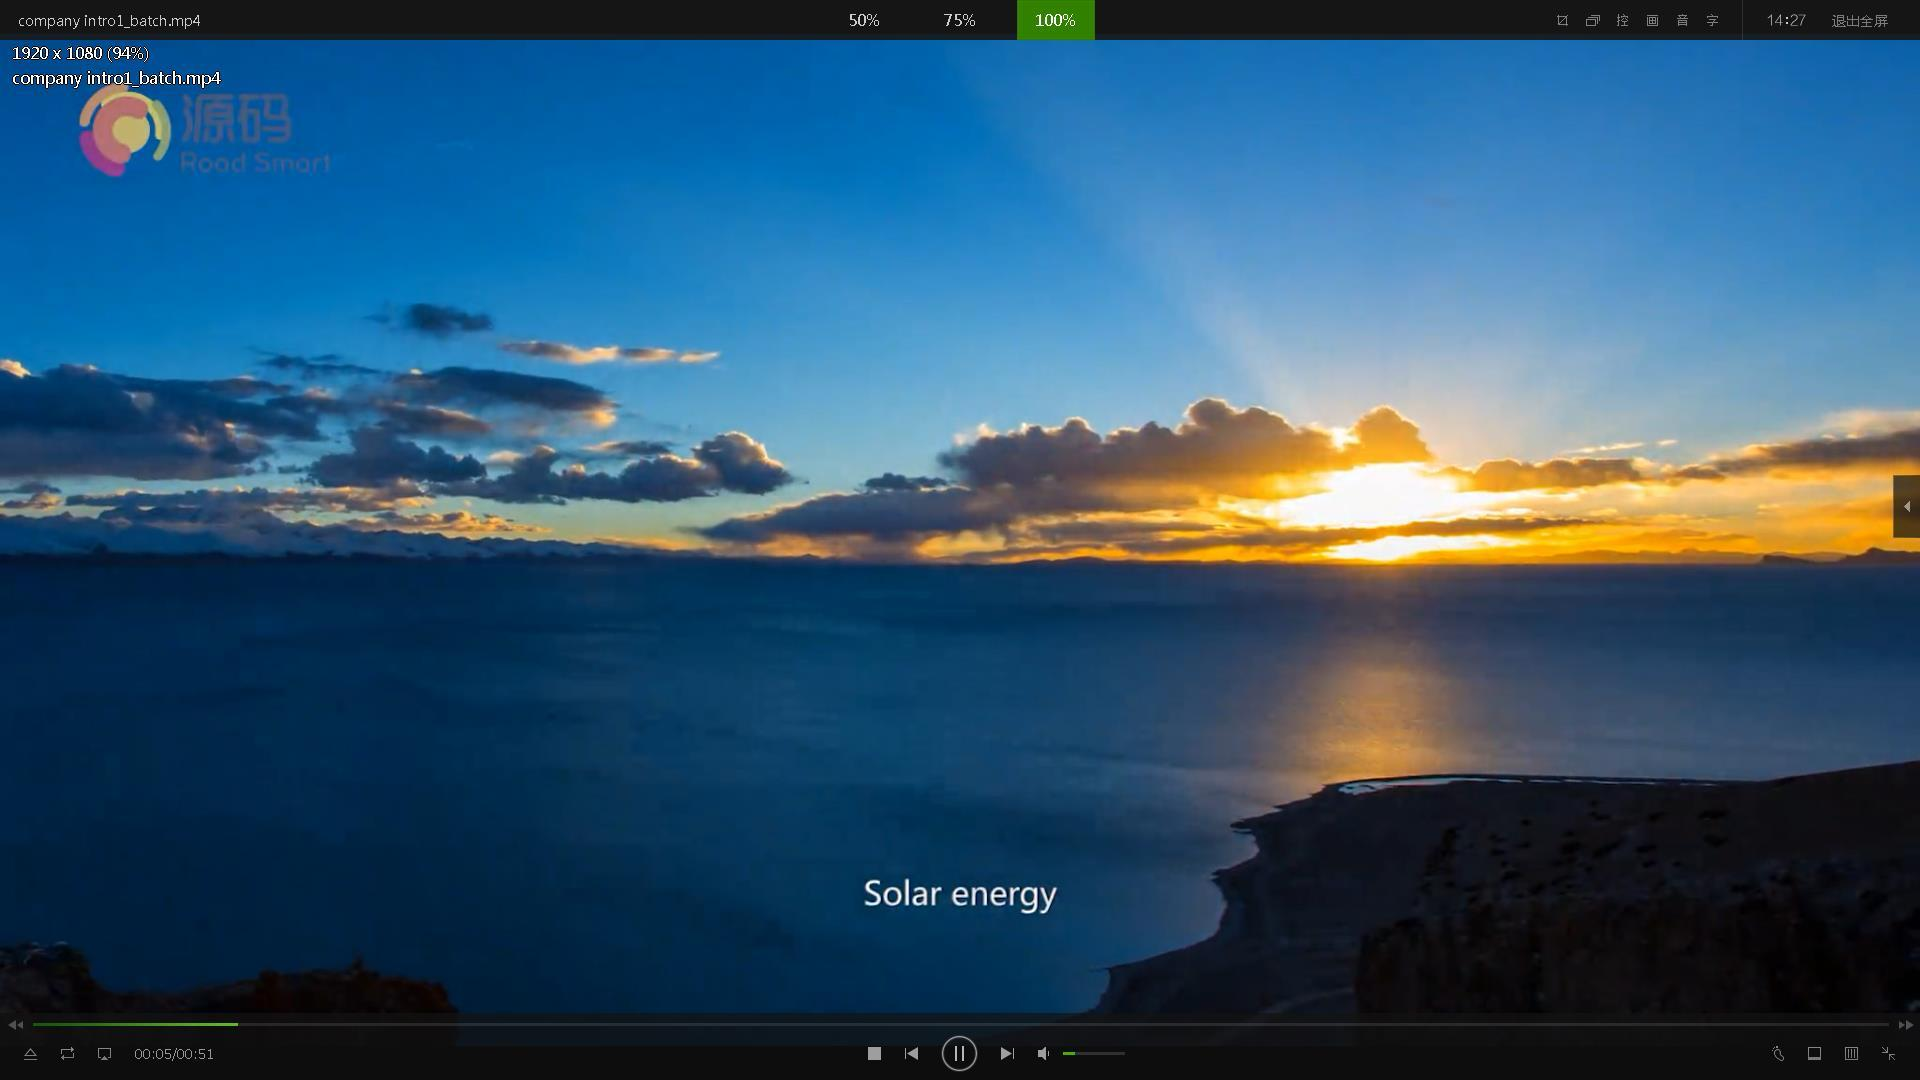 Road Smart, Pioneer in Solar Energy Industry